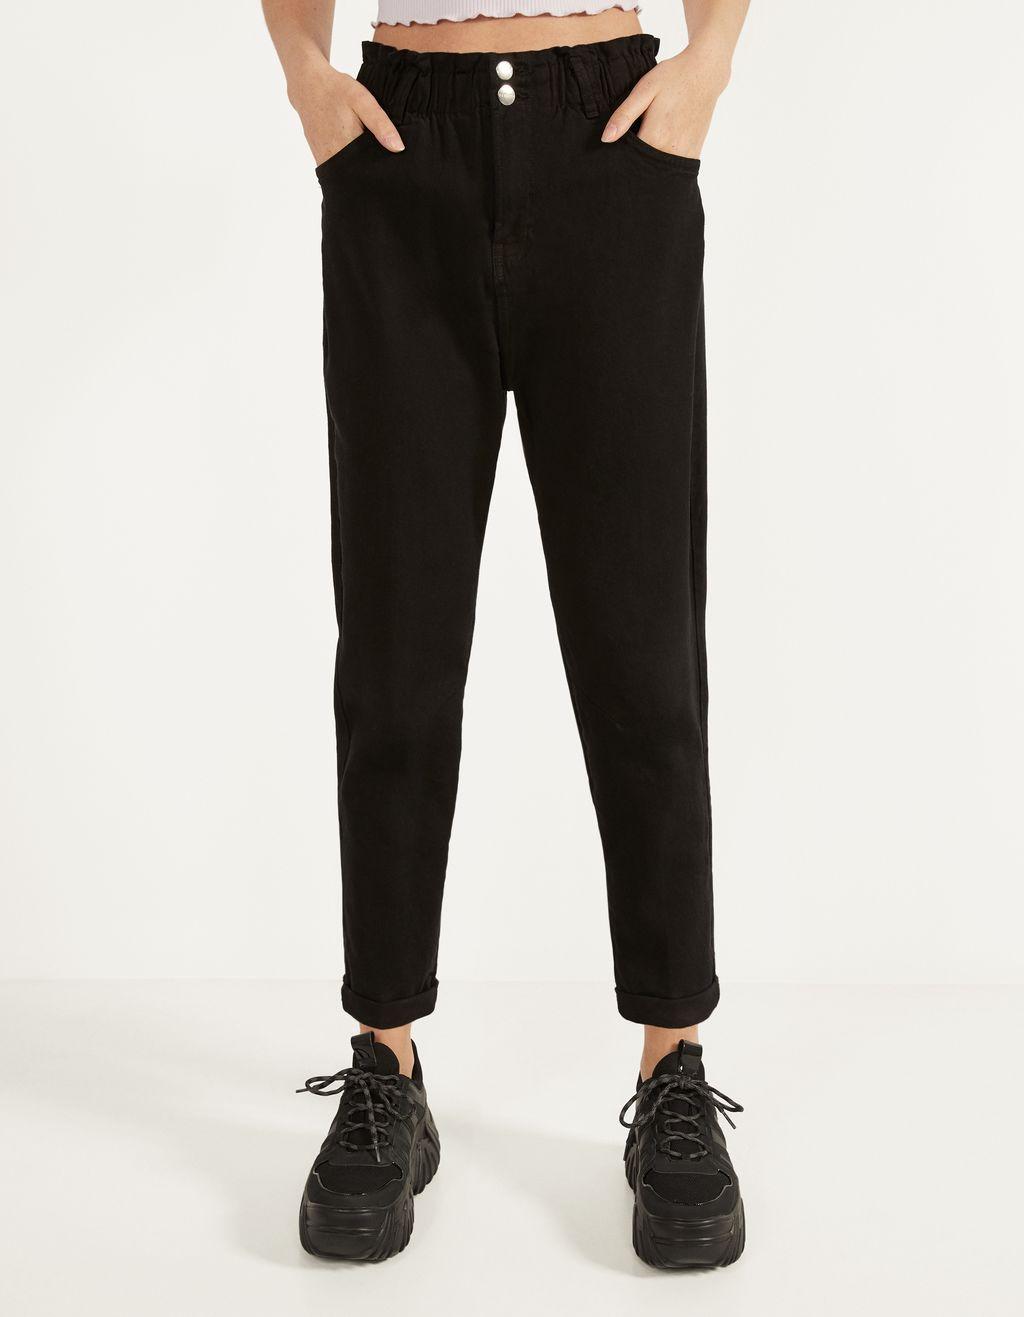 Calças com cintura elástica